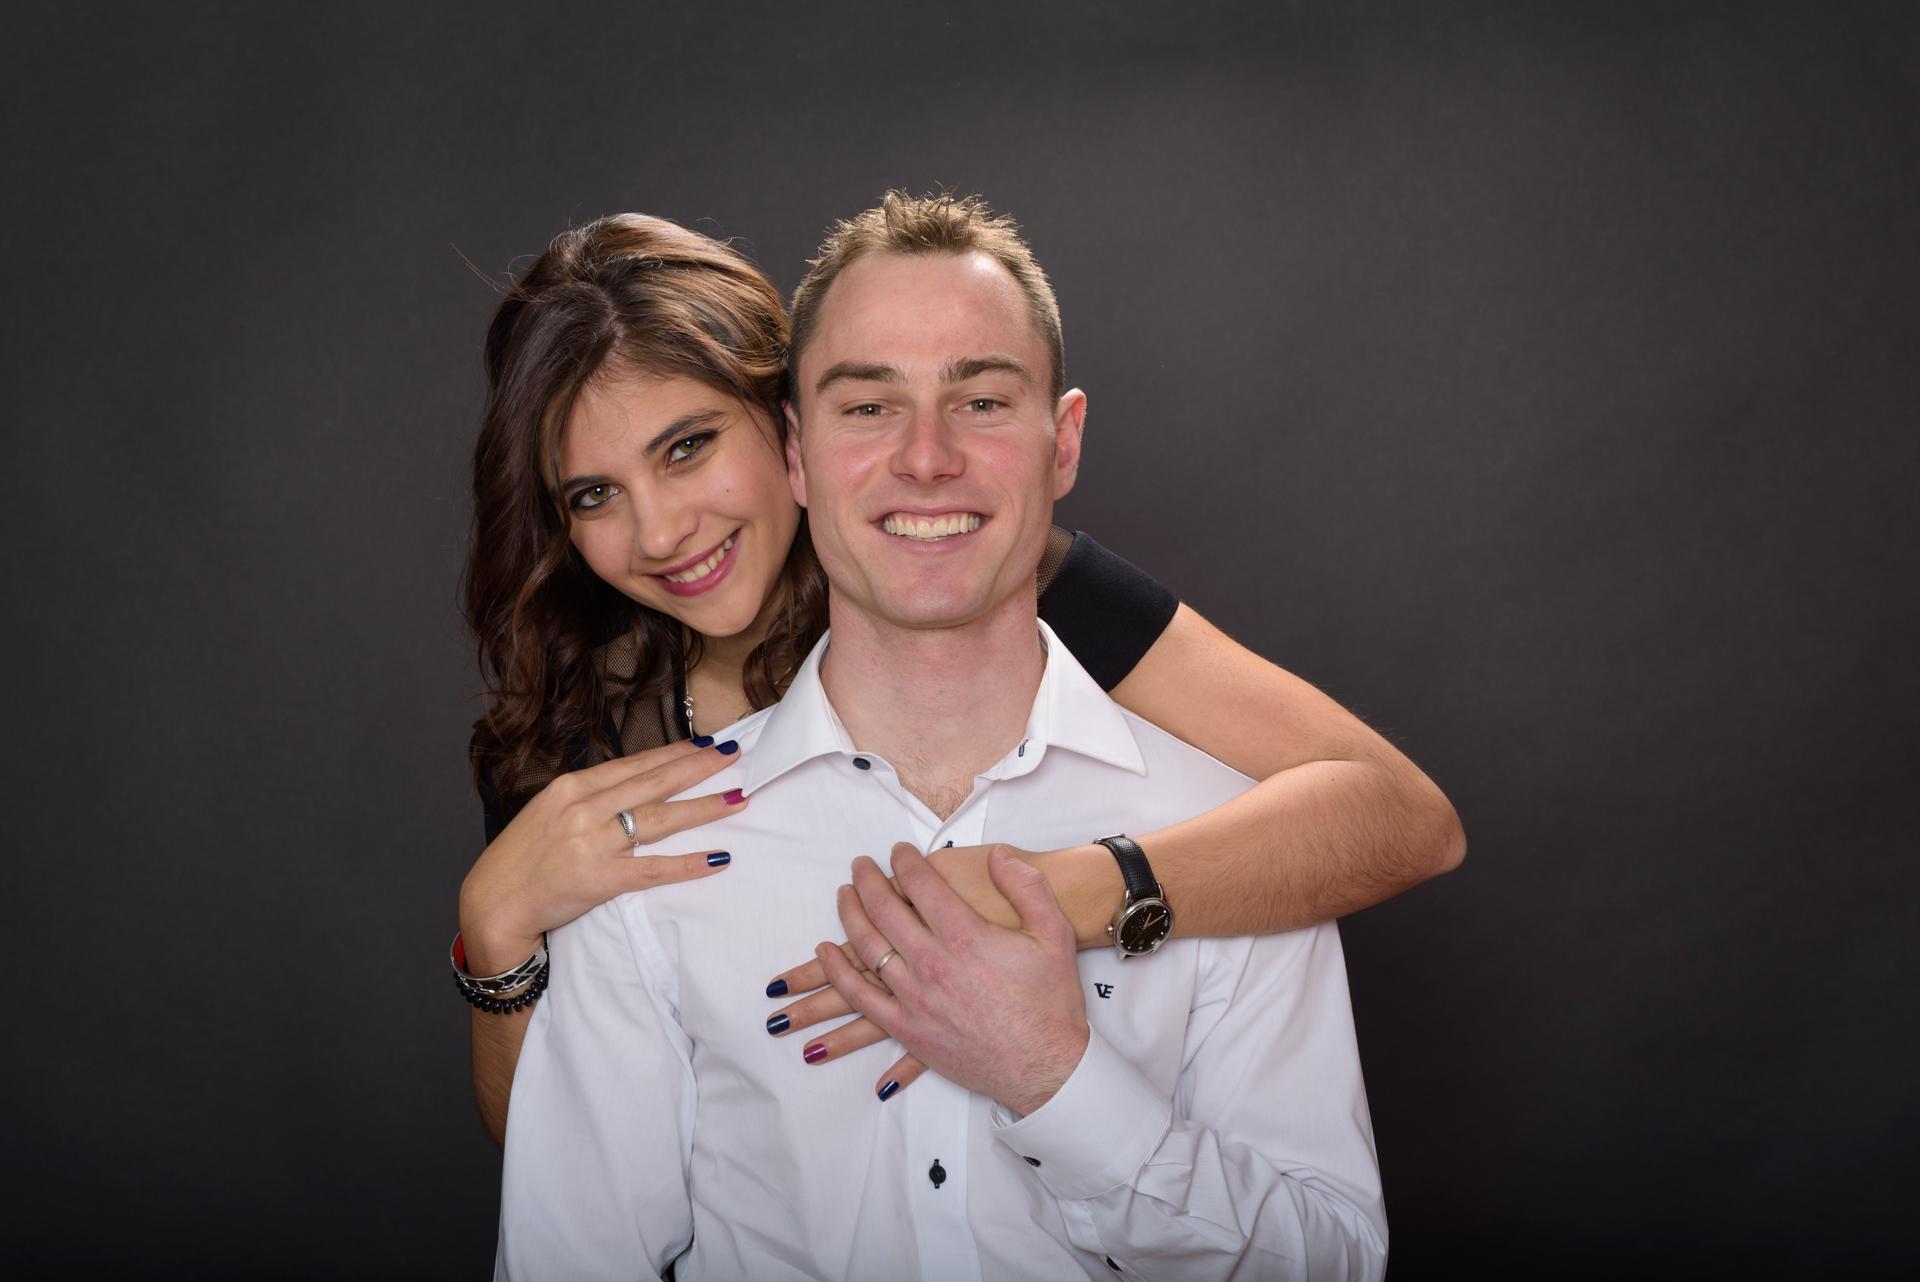 Shooting-studio-couple-Arnauddphotography-21